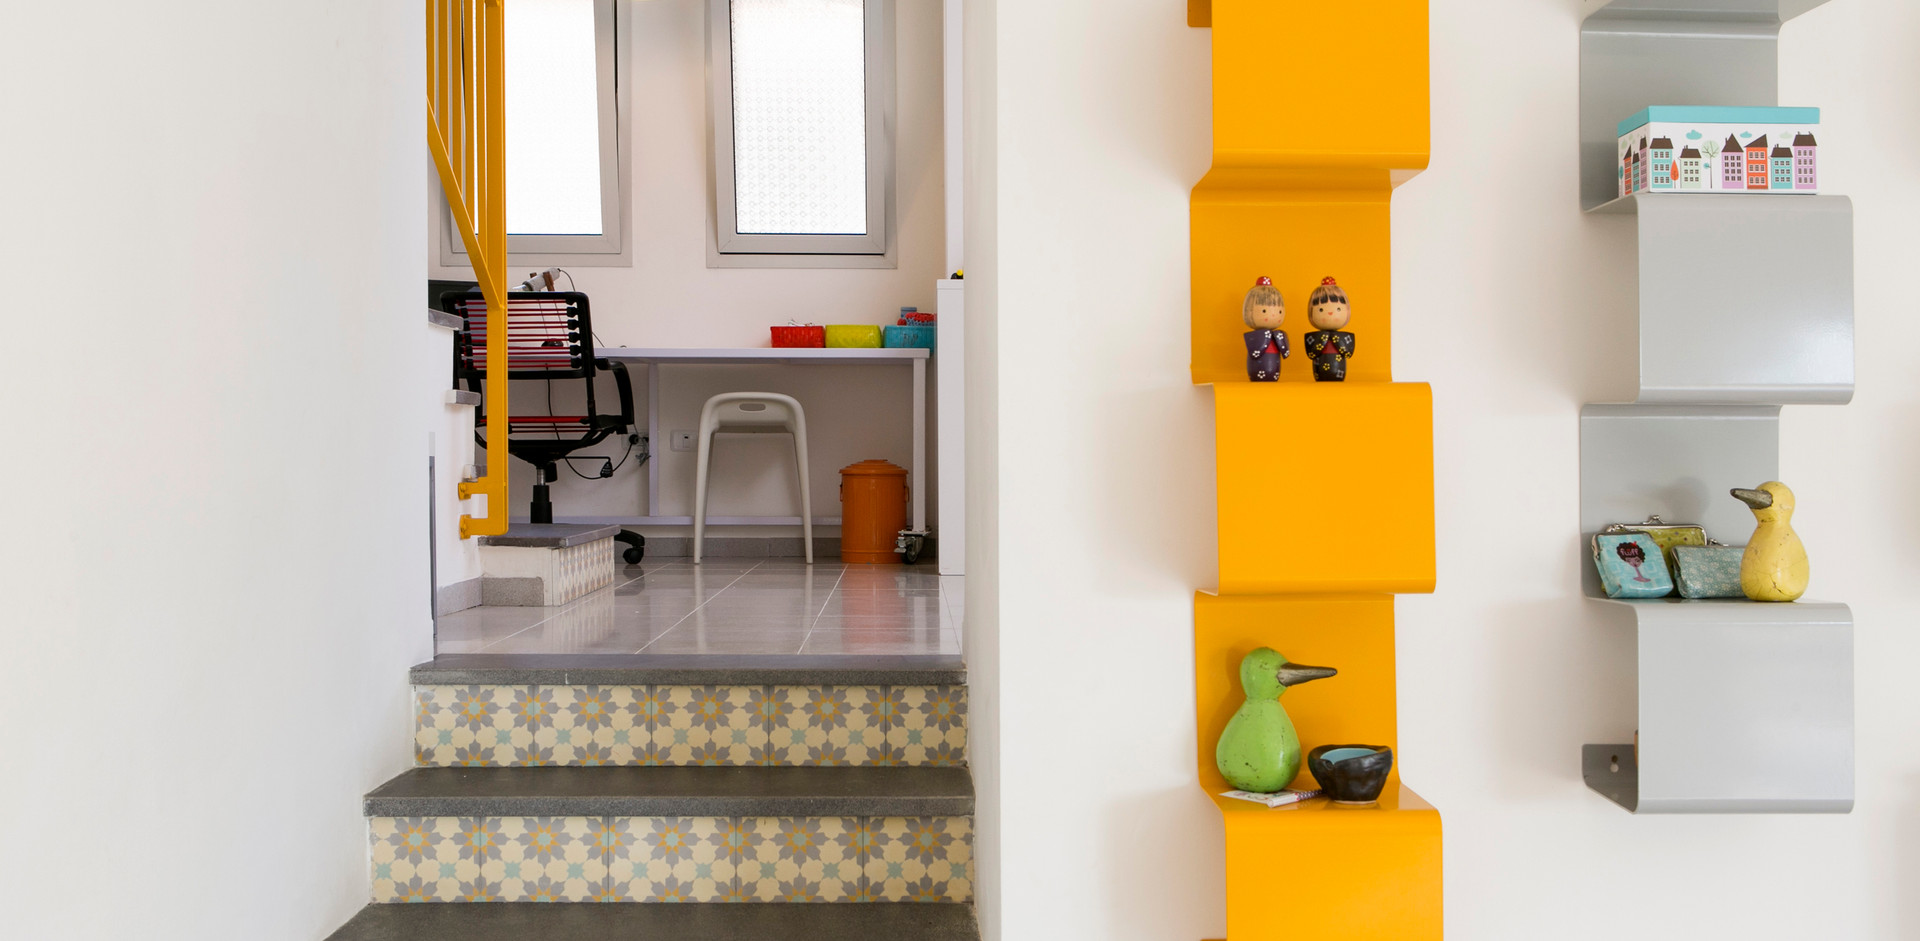 מדרגות מובילות לפינת המחשב- גם הן בשיח עיצובי עם מדפי הפח